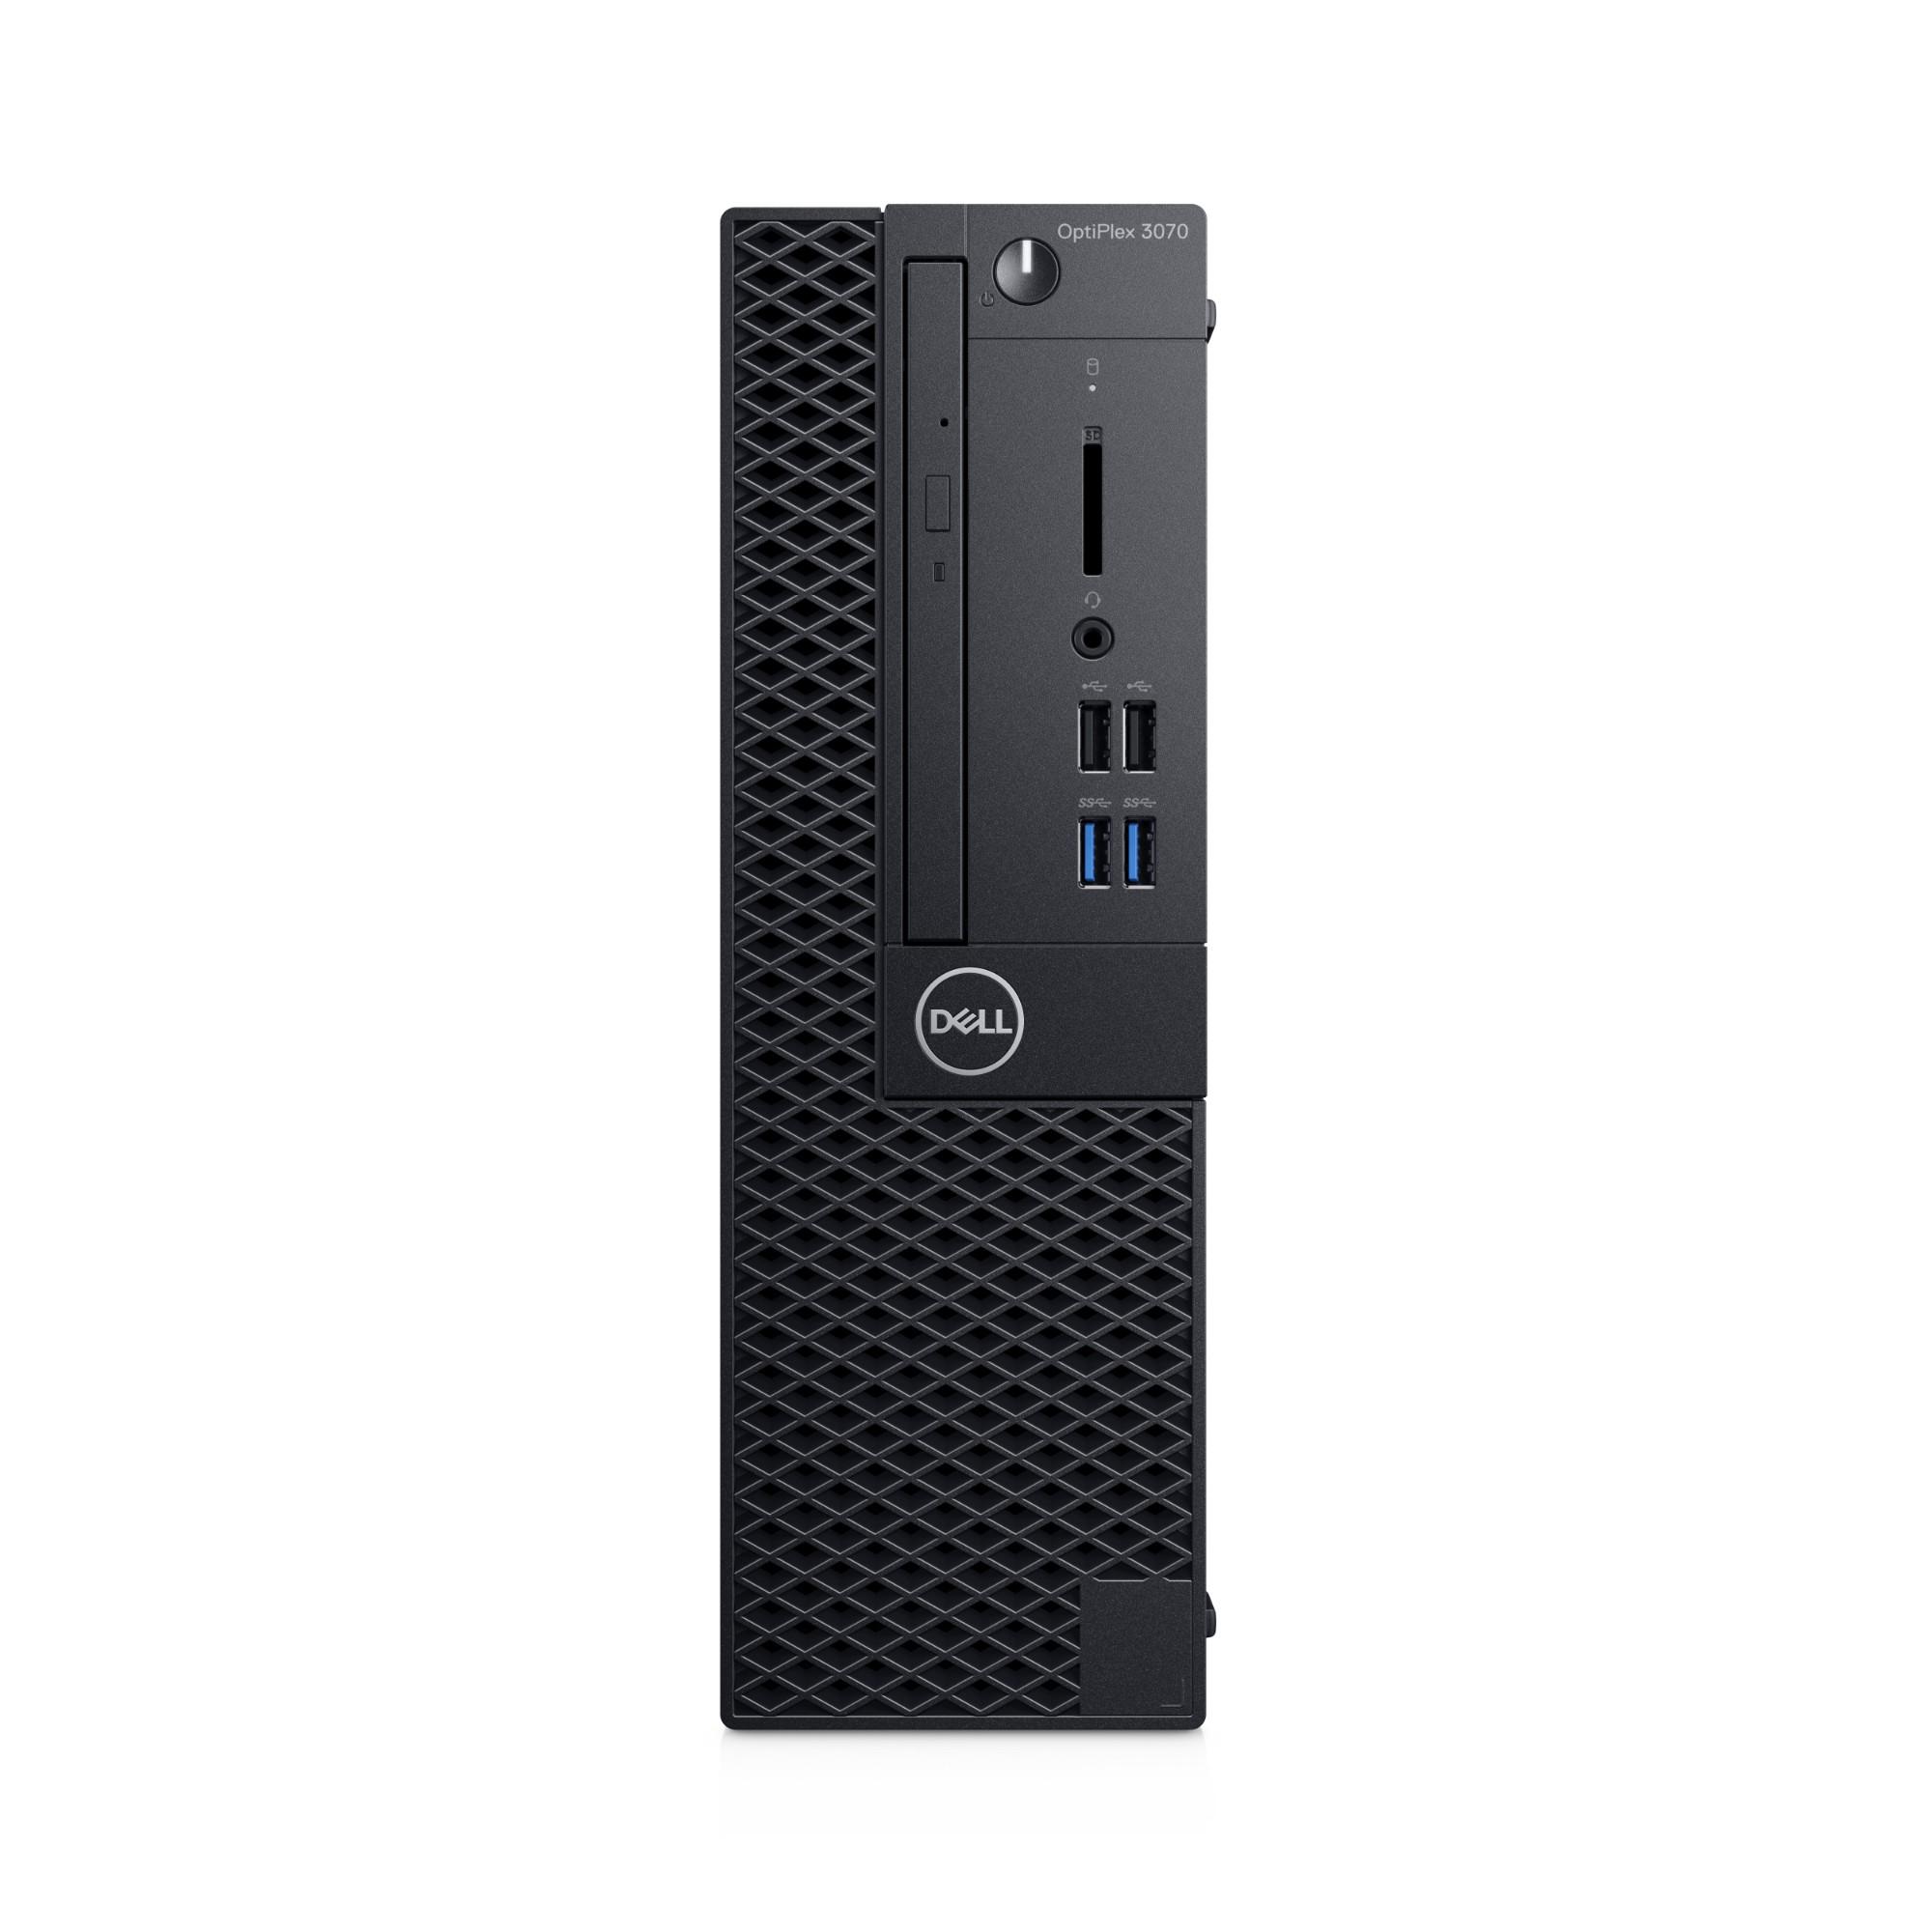 DELL OPTIPLEX 3070 9TH GEN INTEL CORE I3 I3-9100 8 GB DDR4-SDRAM 256 GB SSD BLACK SFF PC